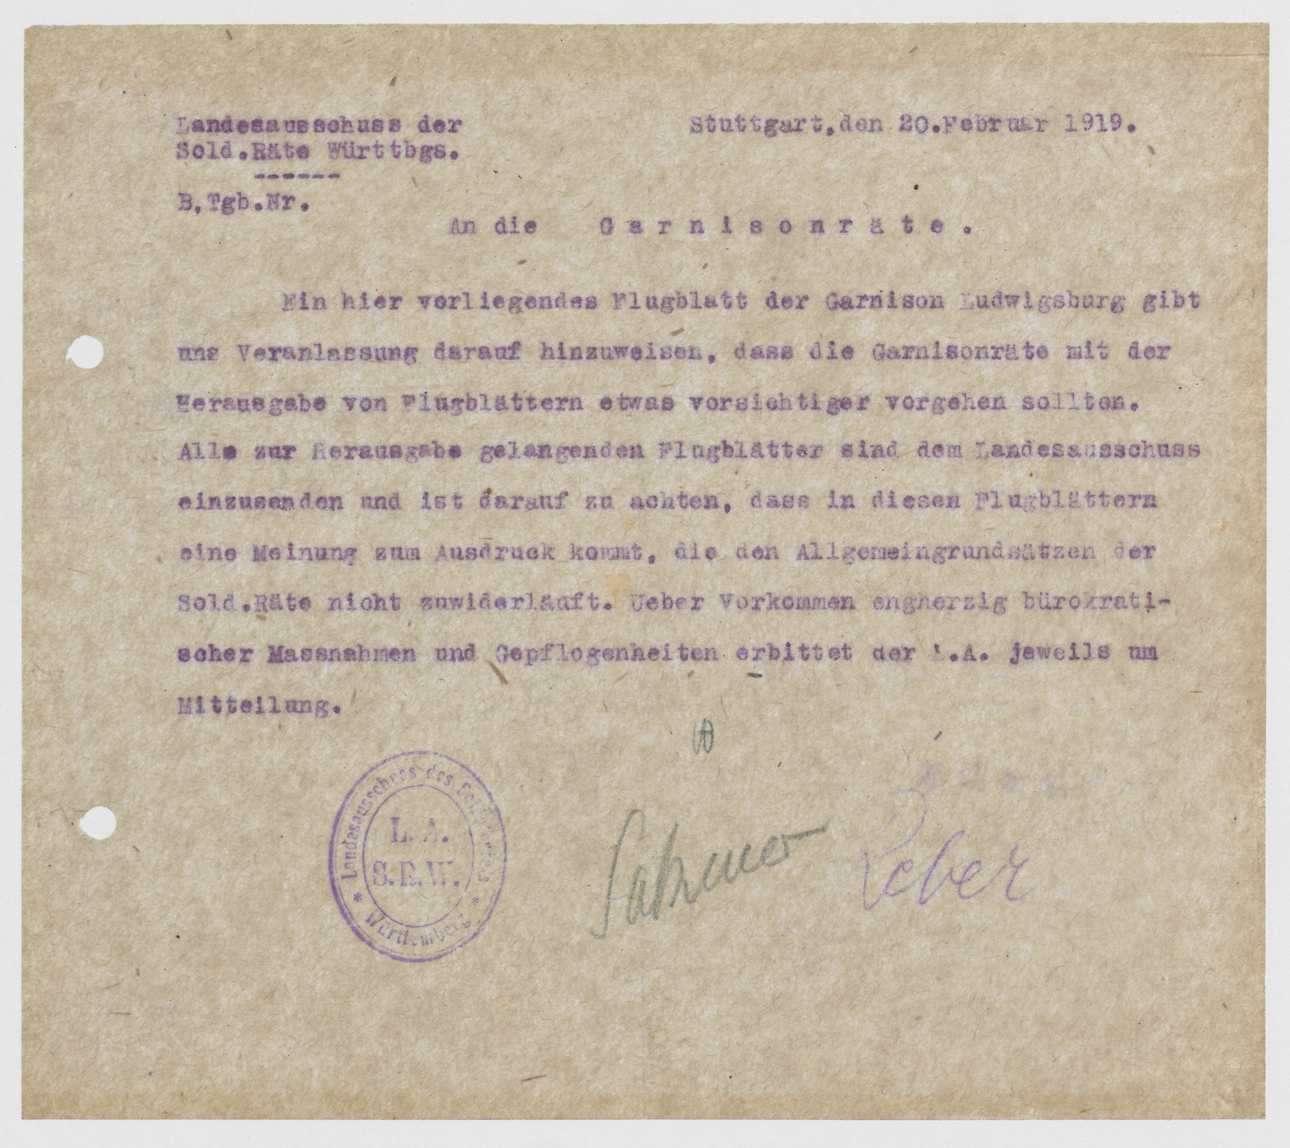 Herausgabe, Übersendung von Flugblättern an den Garnisonrat, Bild 1